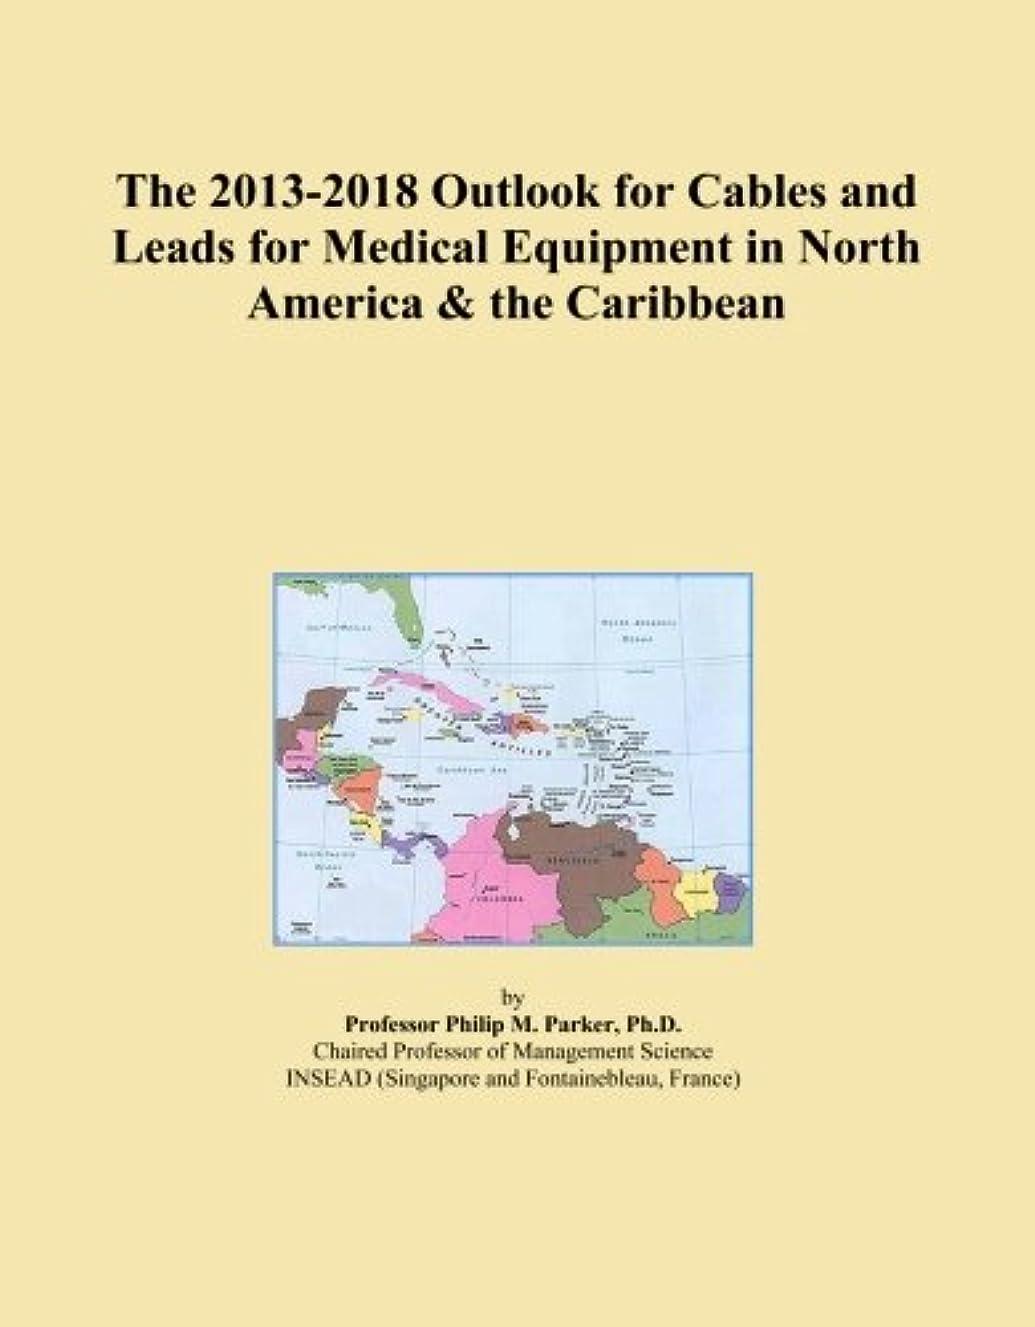 英語の授業があります本当のことを言うとキャンディーThe 2013-2018 Outlook for Cables and Leads for Medical Equipment in North America & the Caribbean